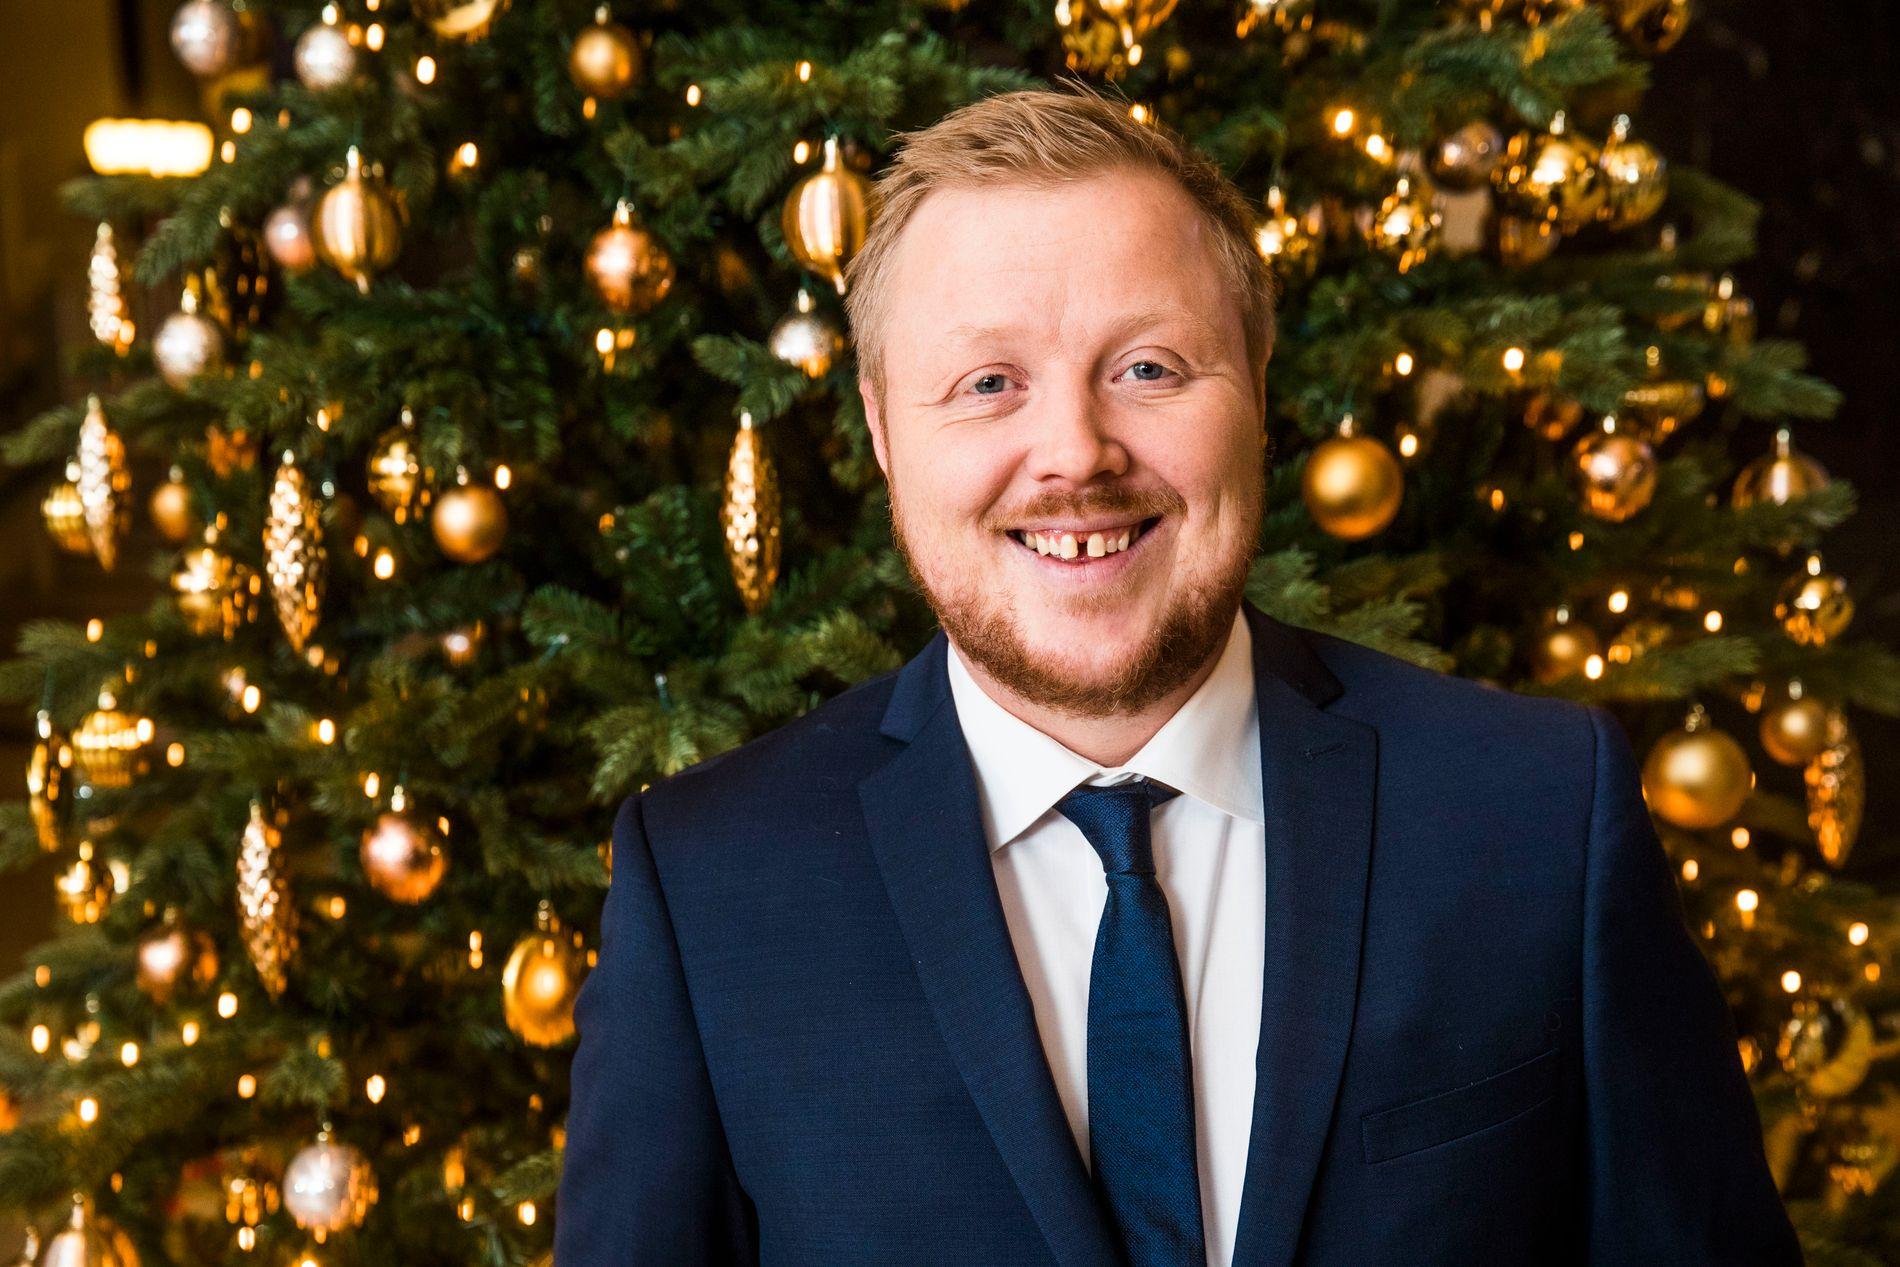 JULE-SUKSESS: Kurt Nilsen har blitt essensiell i høyttaleren for mange etter han slapp juleplaten «Have Yourself a Merry Little Christmas» i 2010.